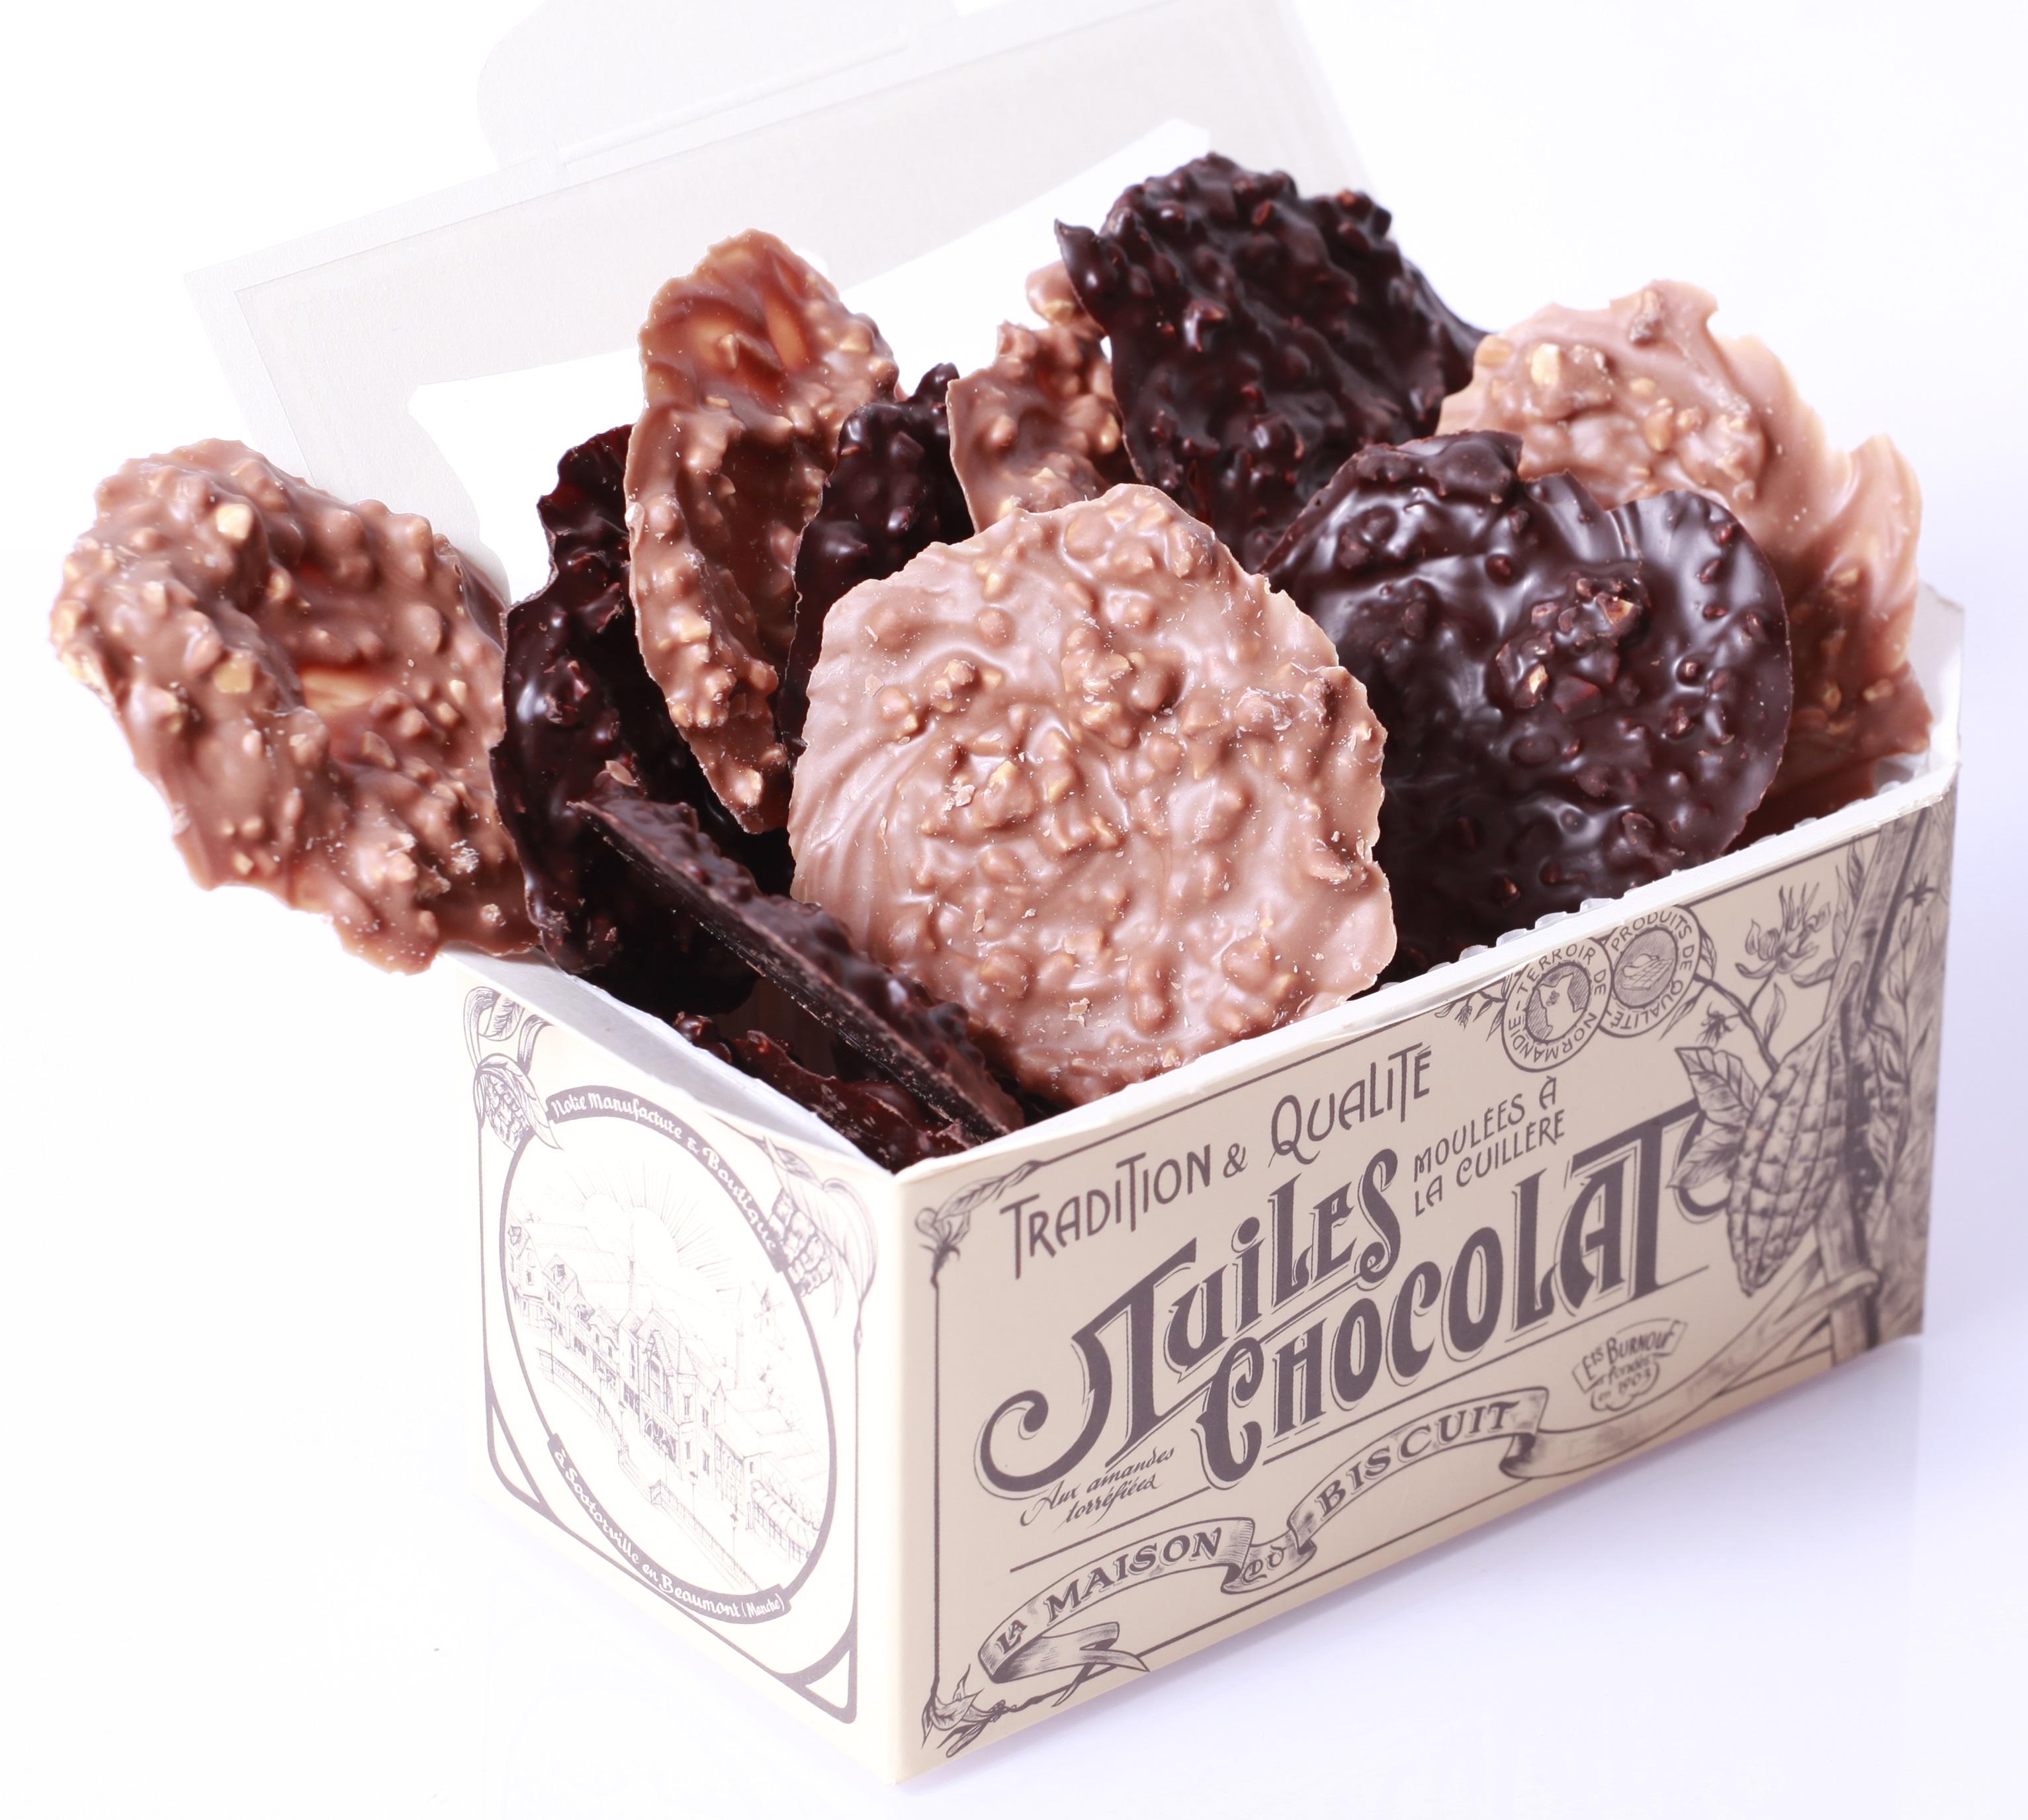 Ballotin de tuiles au chocolat panaché, La Maison du Biscuit (170 g)